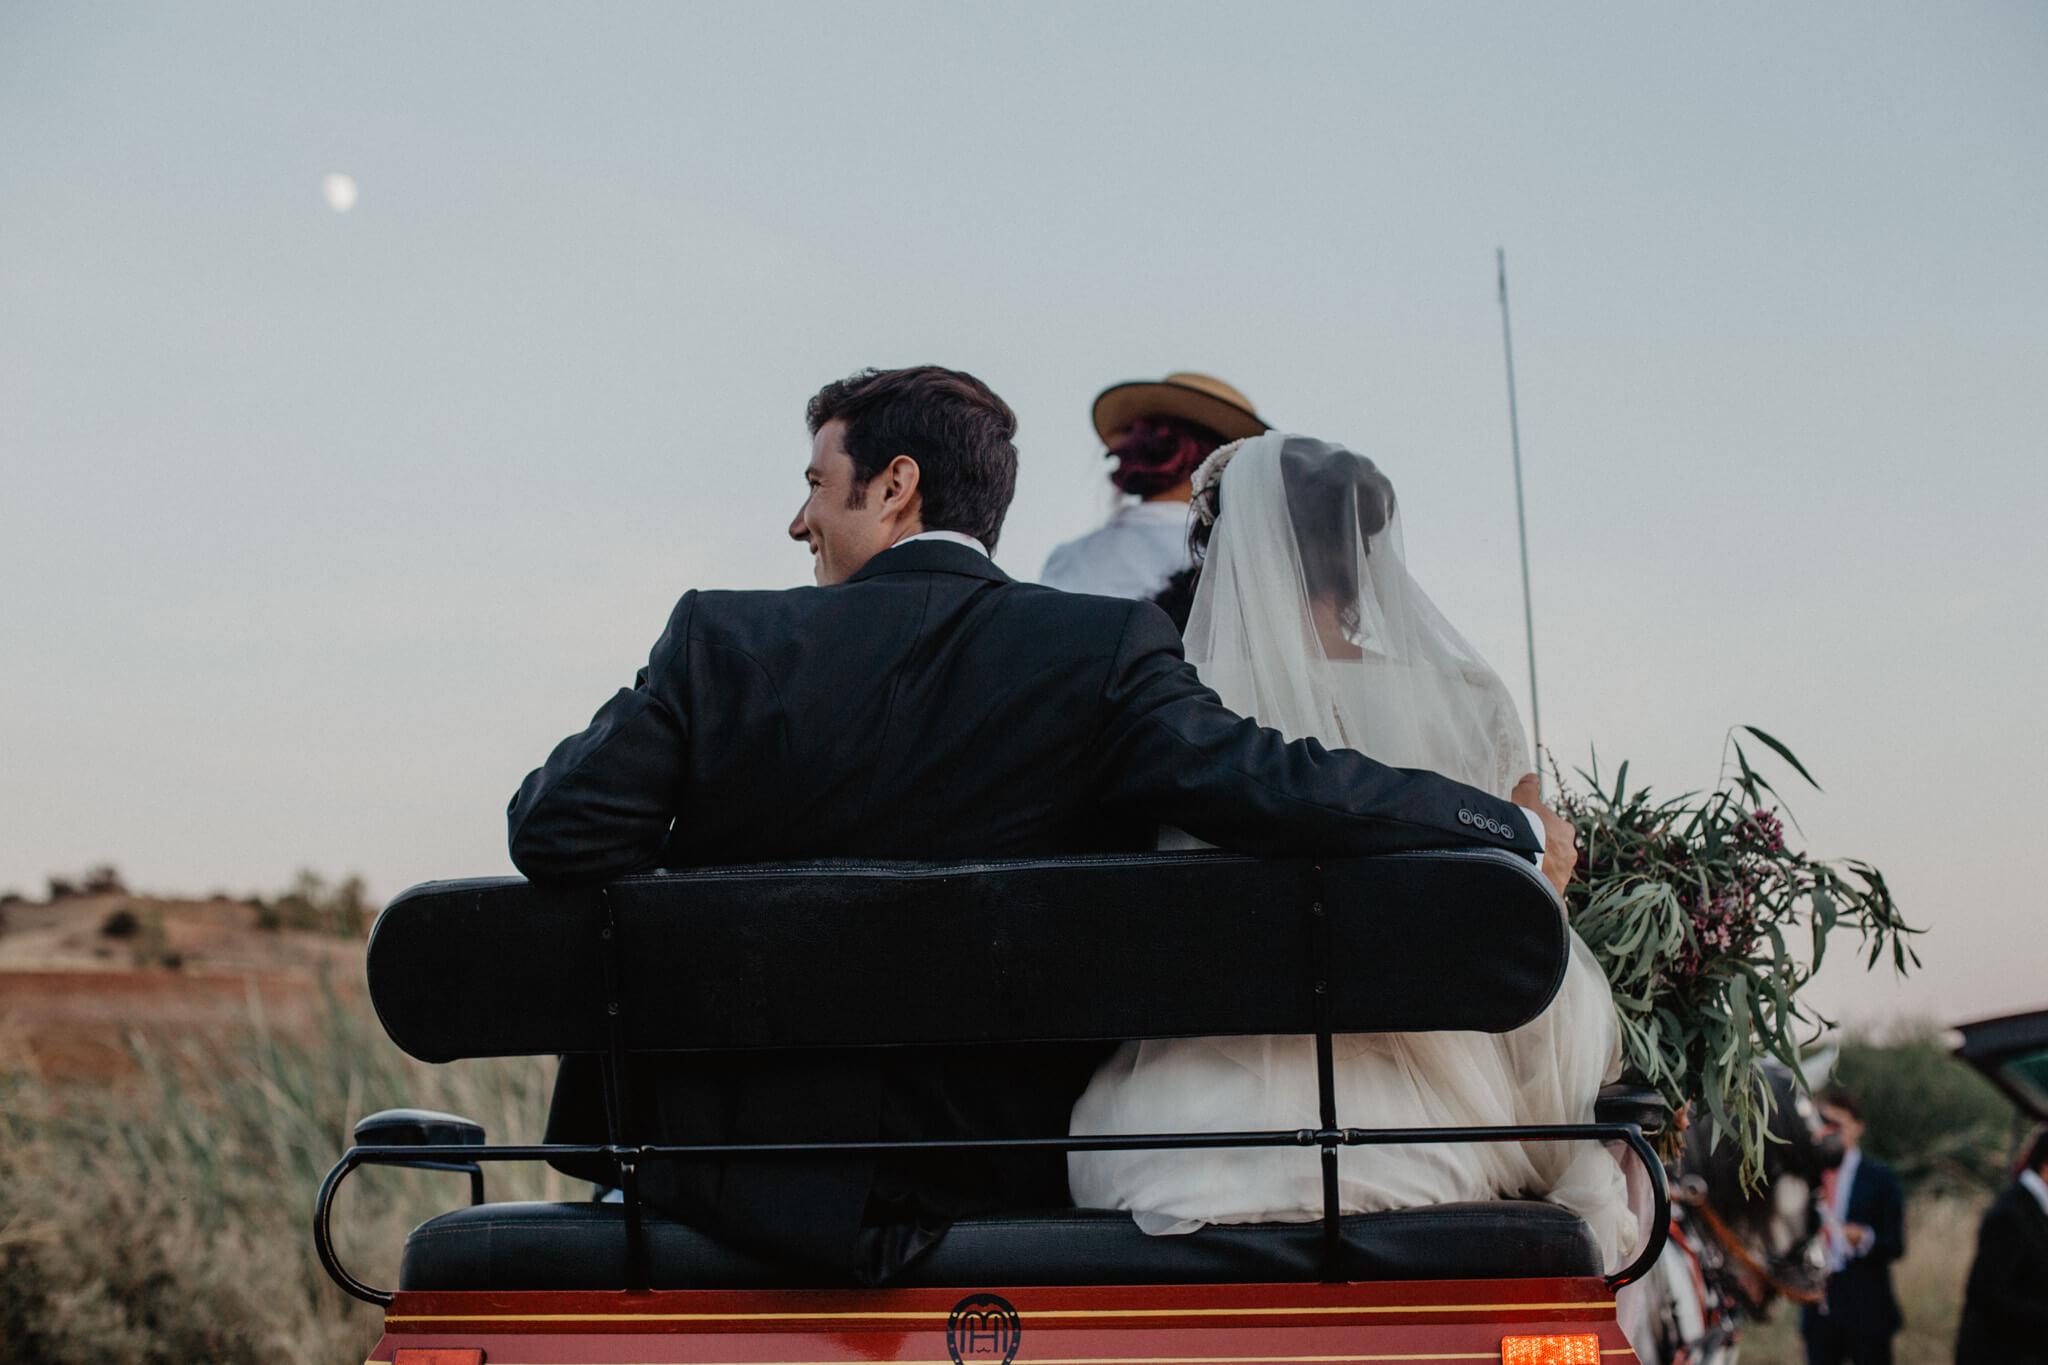 fotografia-boda-marta-carlos-concorazon-98